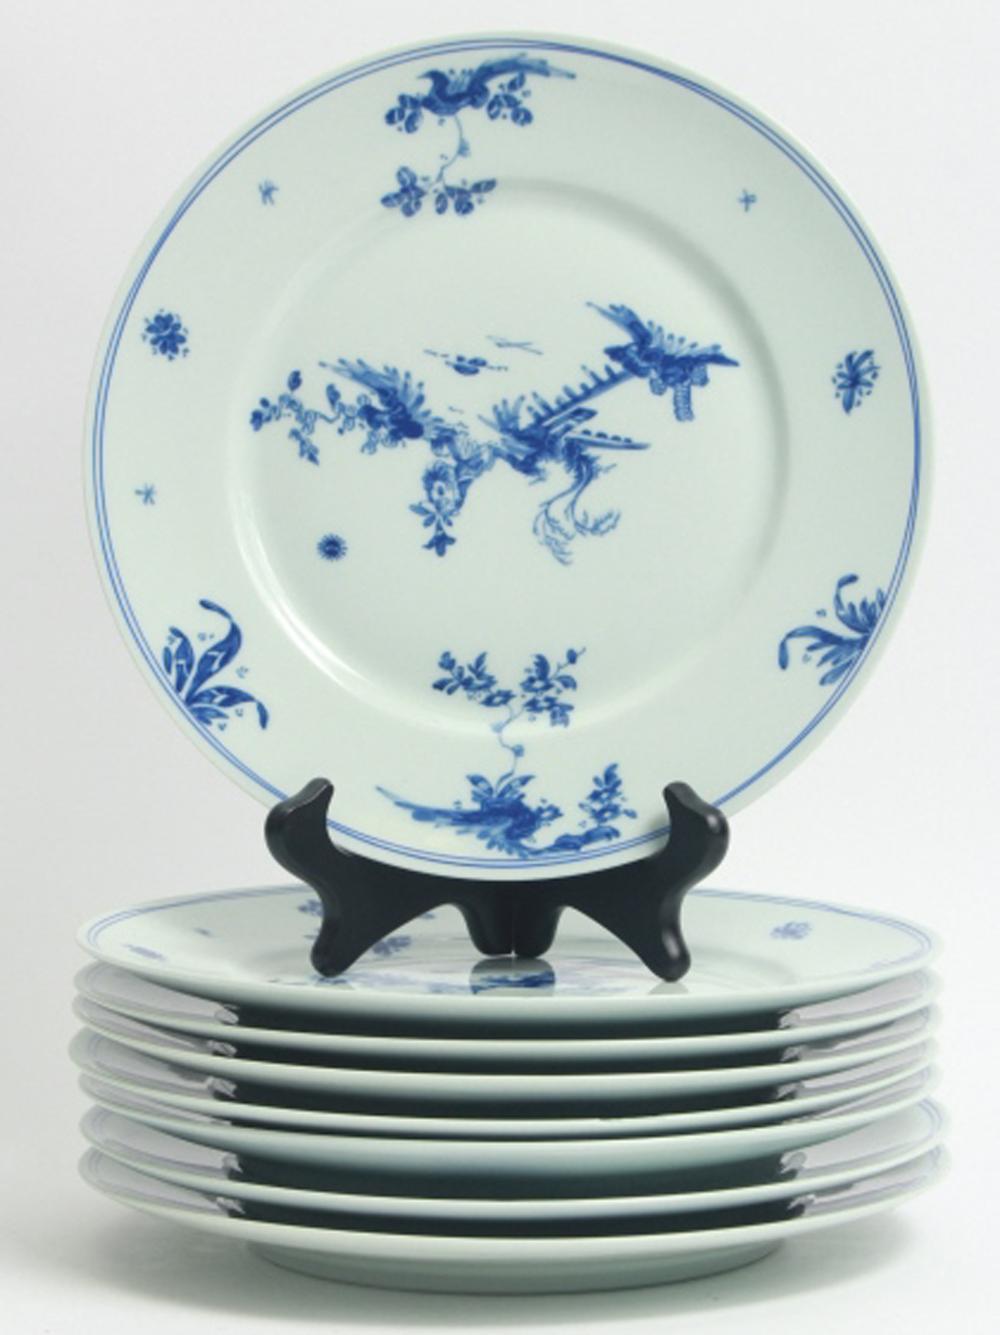 8 Limoges Raynaud Ceralene Porcelain Dinner Plates